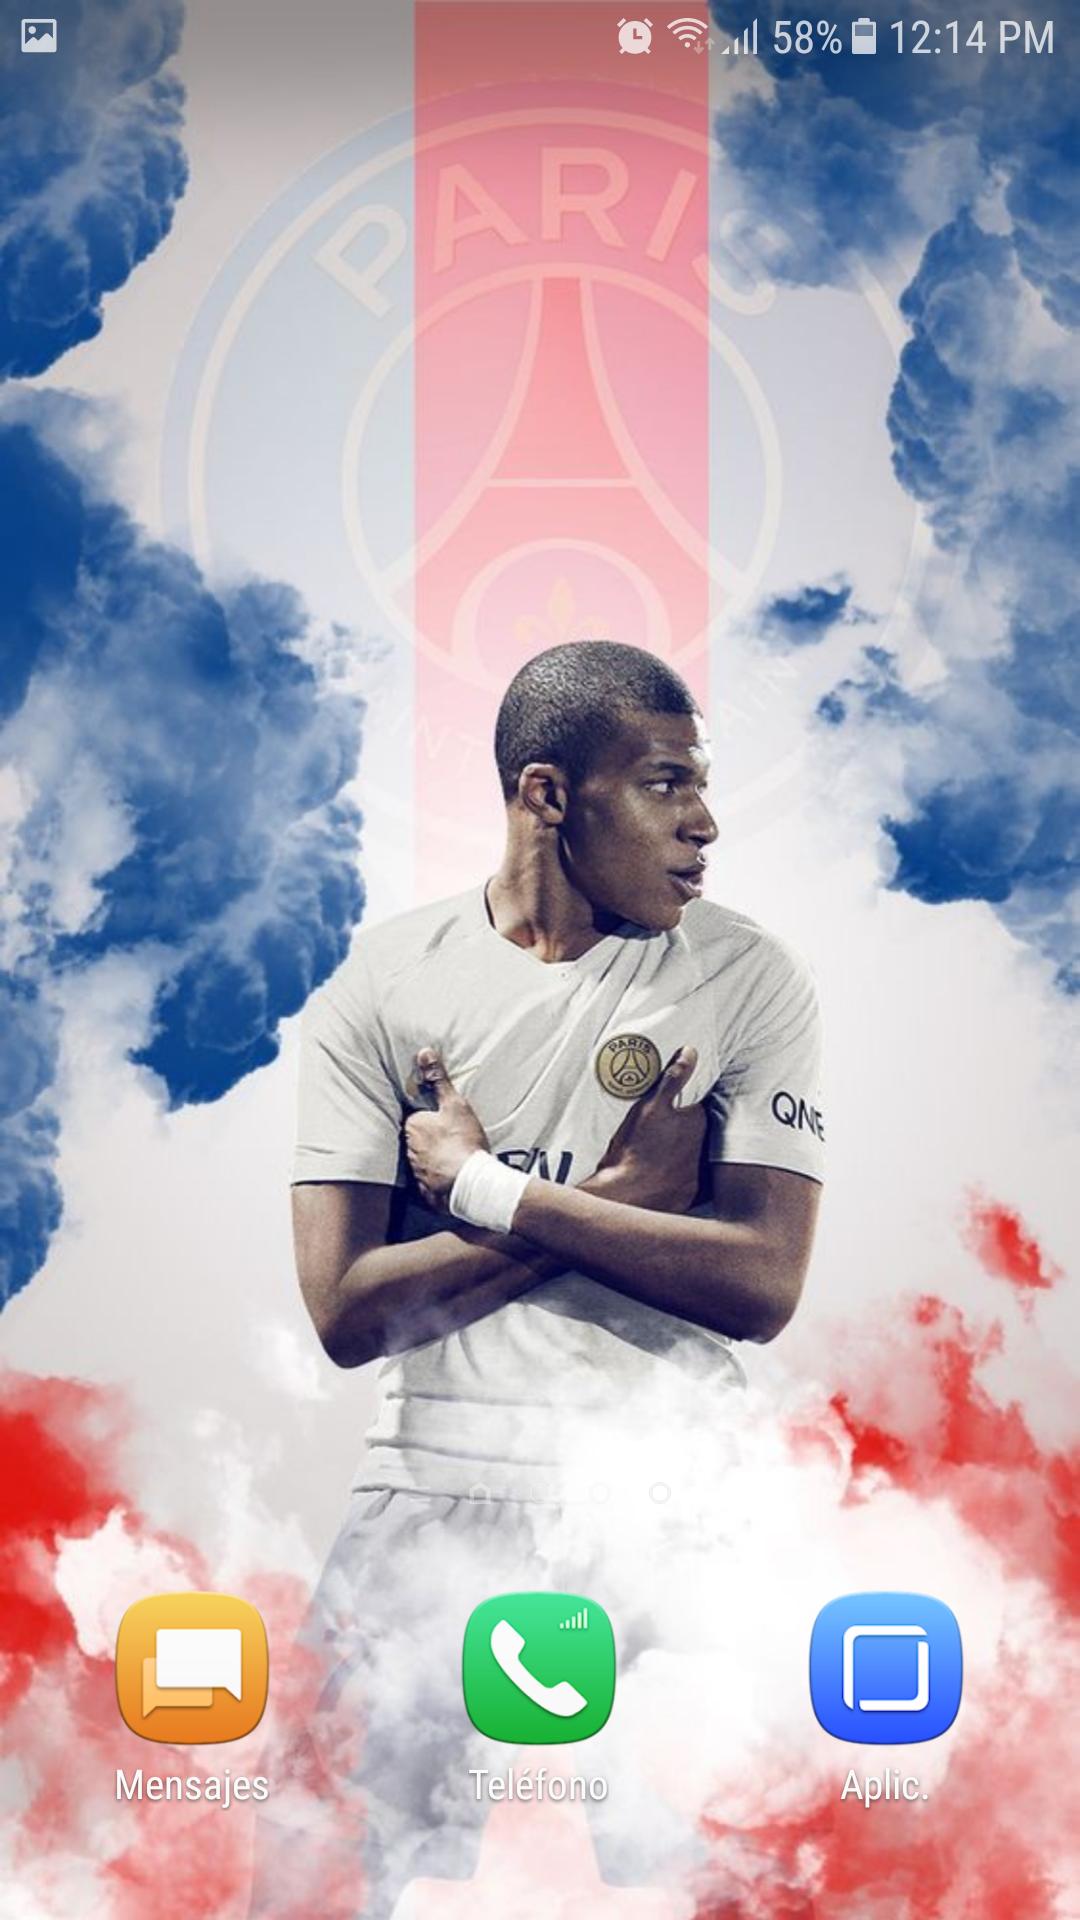 PSG (Paris Saint Germain) Wallpapers